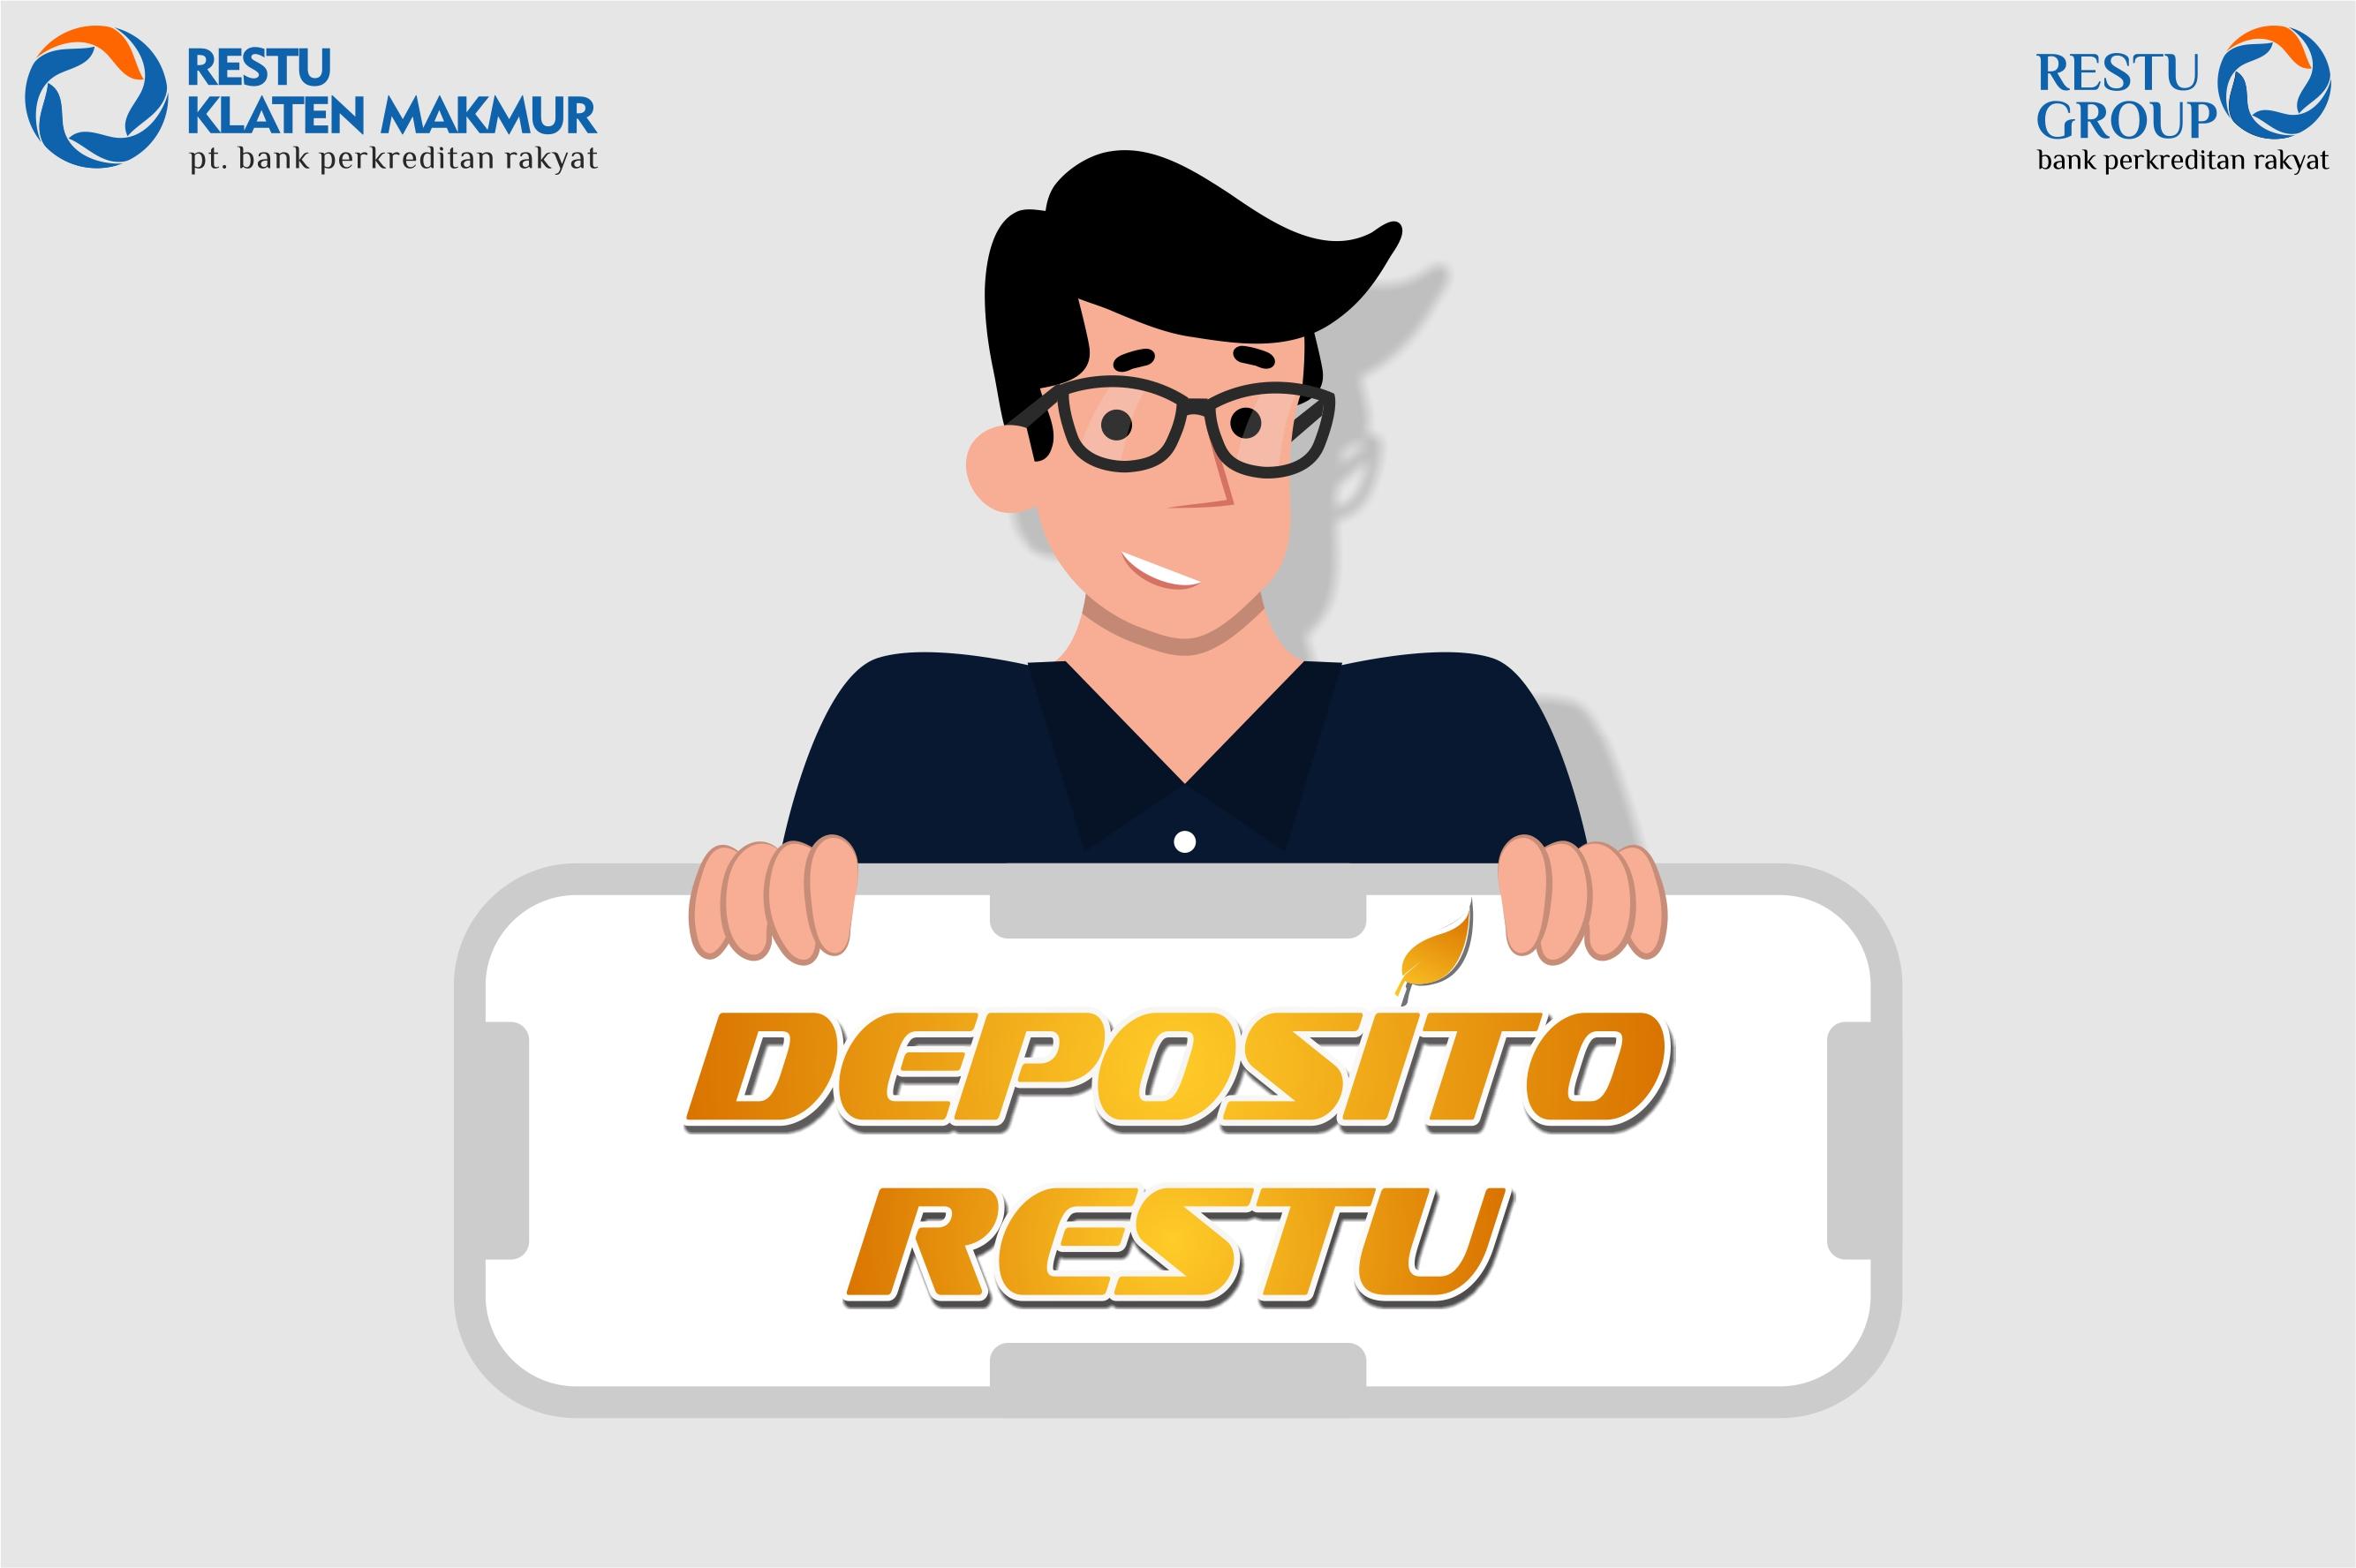 Deposito Restu